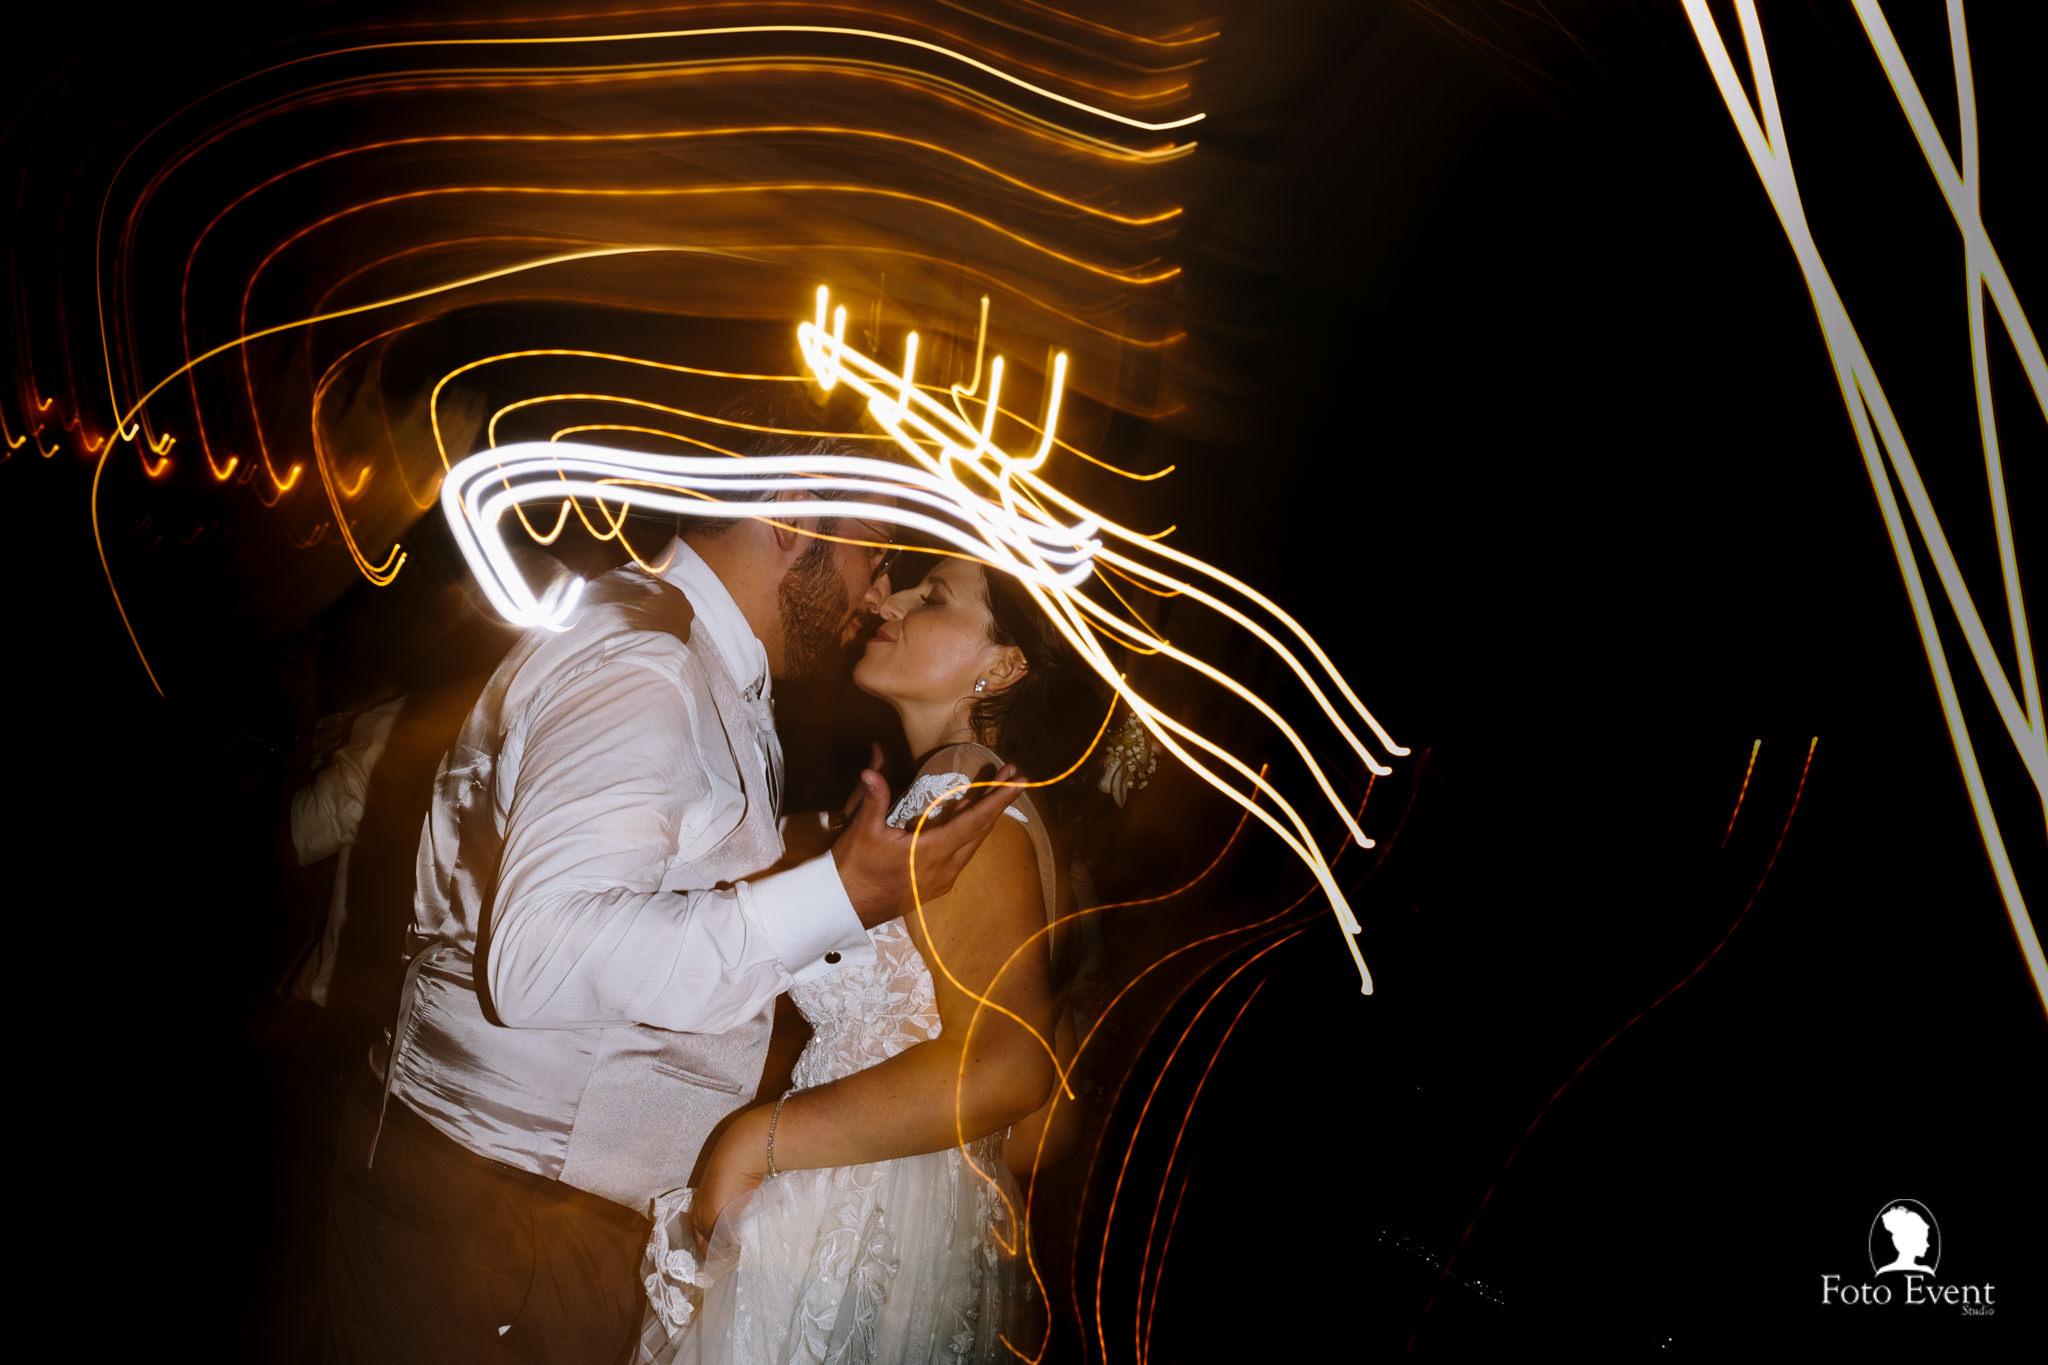 041-2019-09-09-Matrimonio-Dorotea-e-Alberto-Iemmolo-5DE-1355